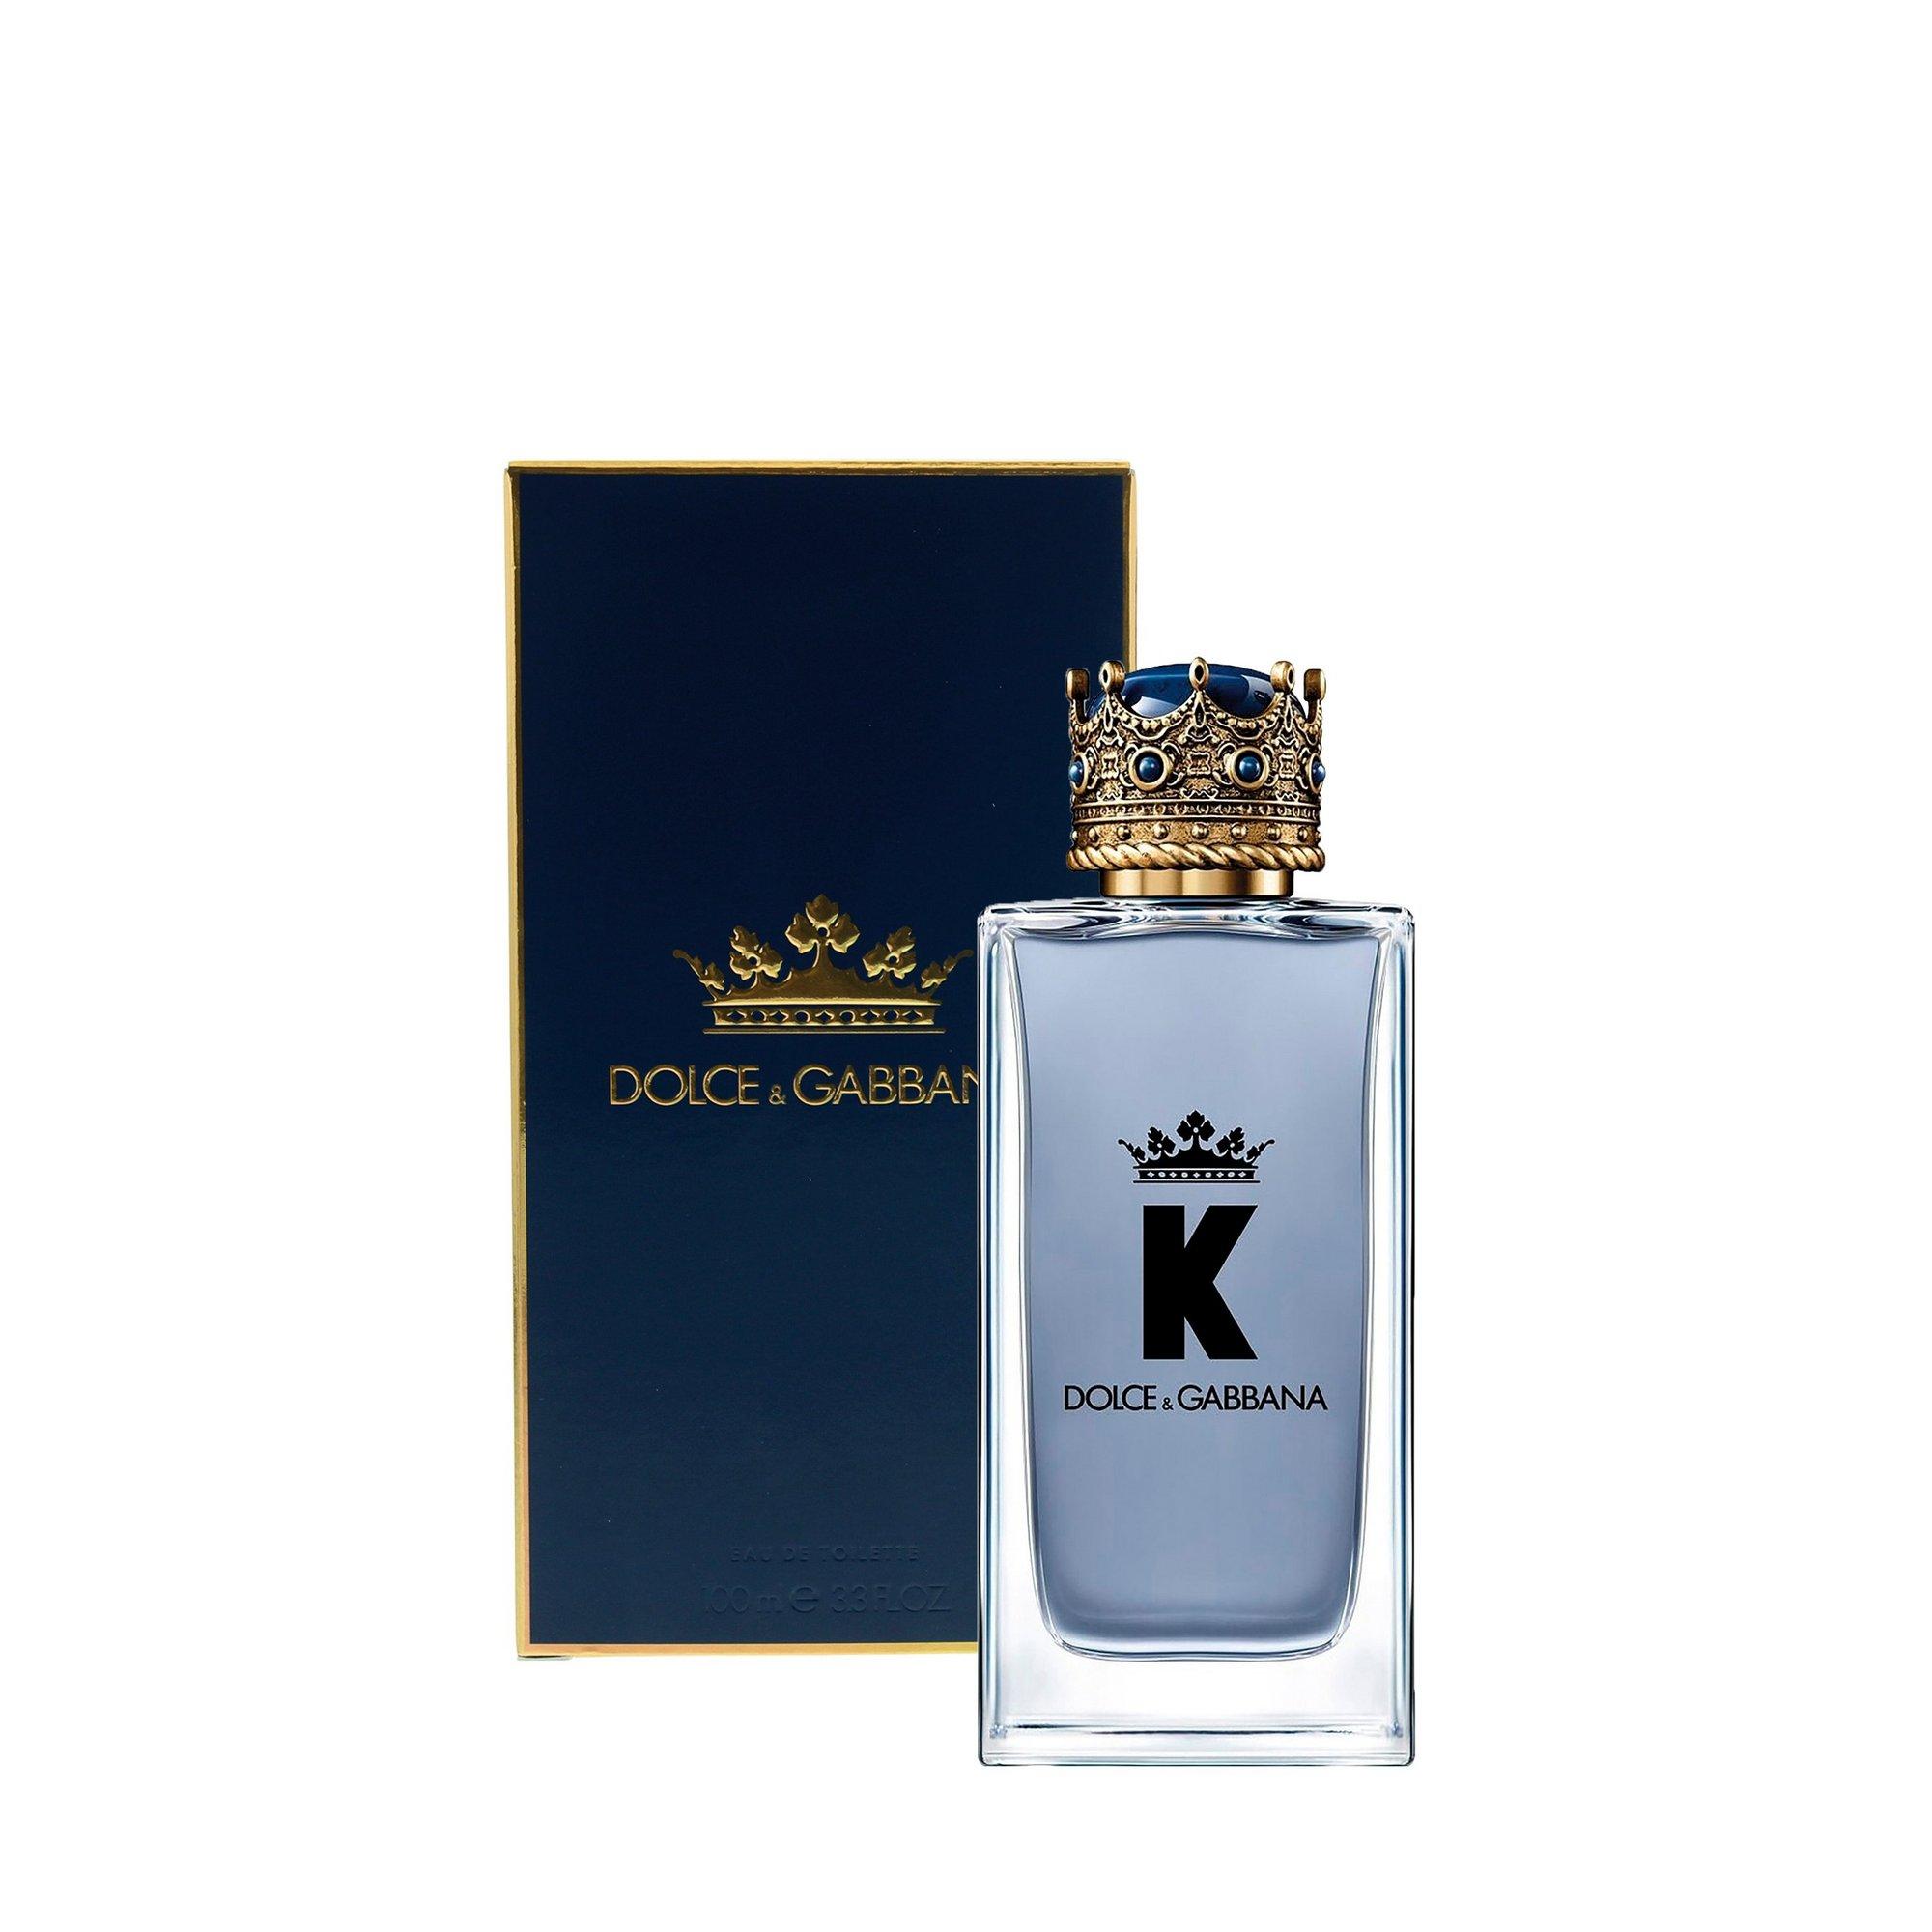 Image of Dolce and Gabbana K Men 100ml Eau De Toilette